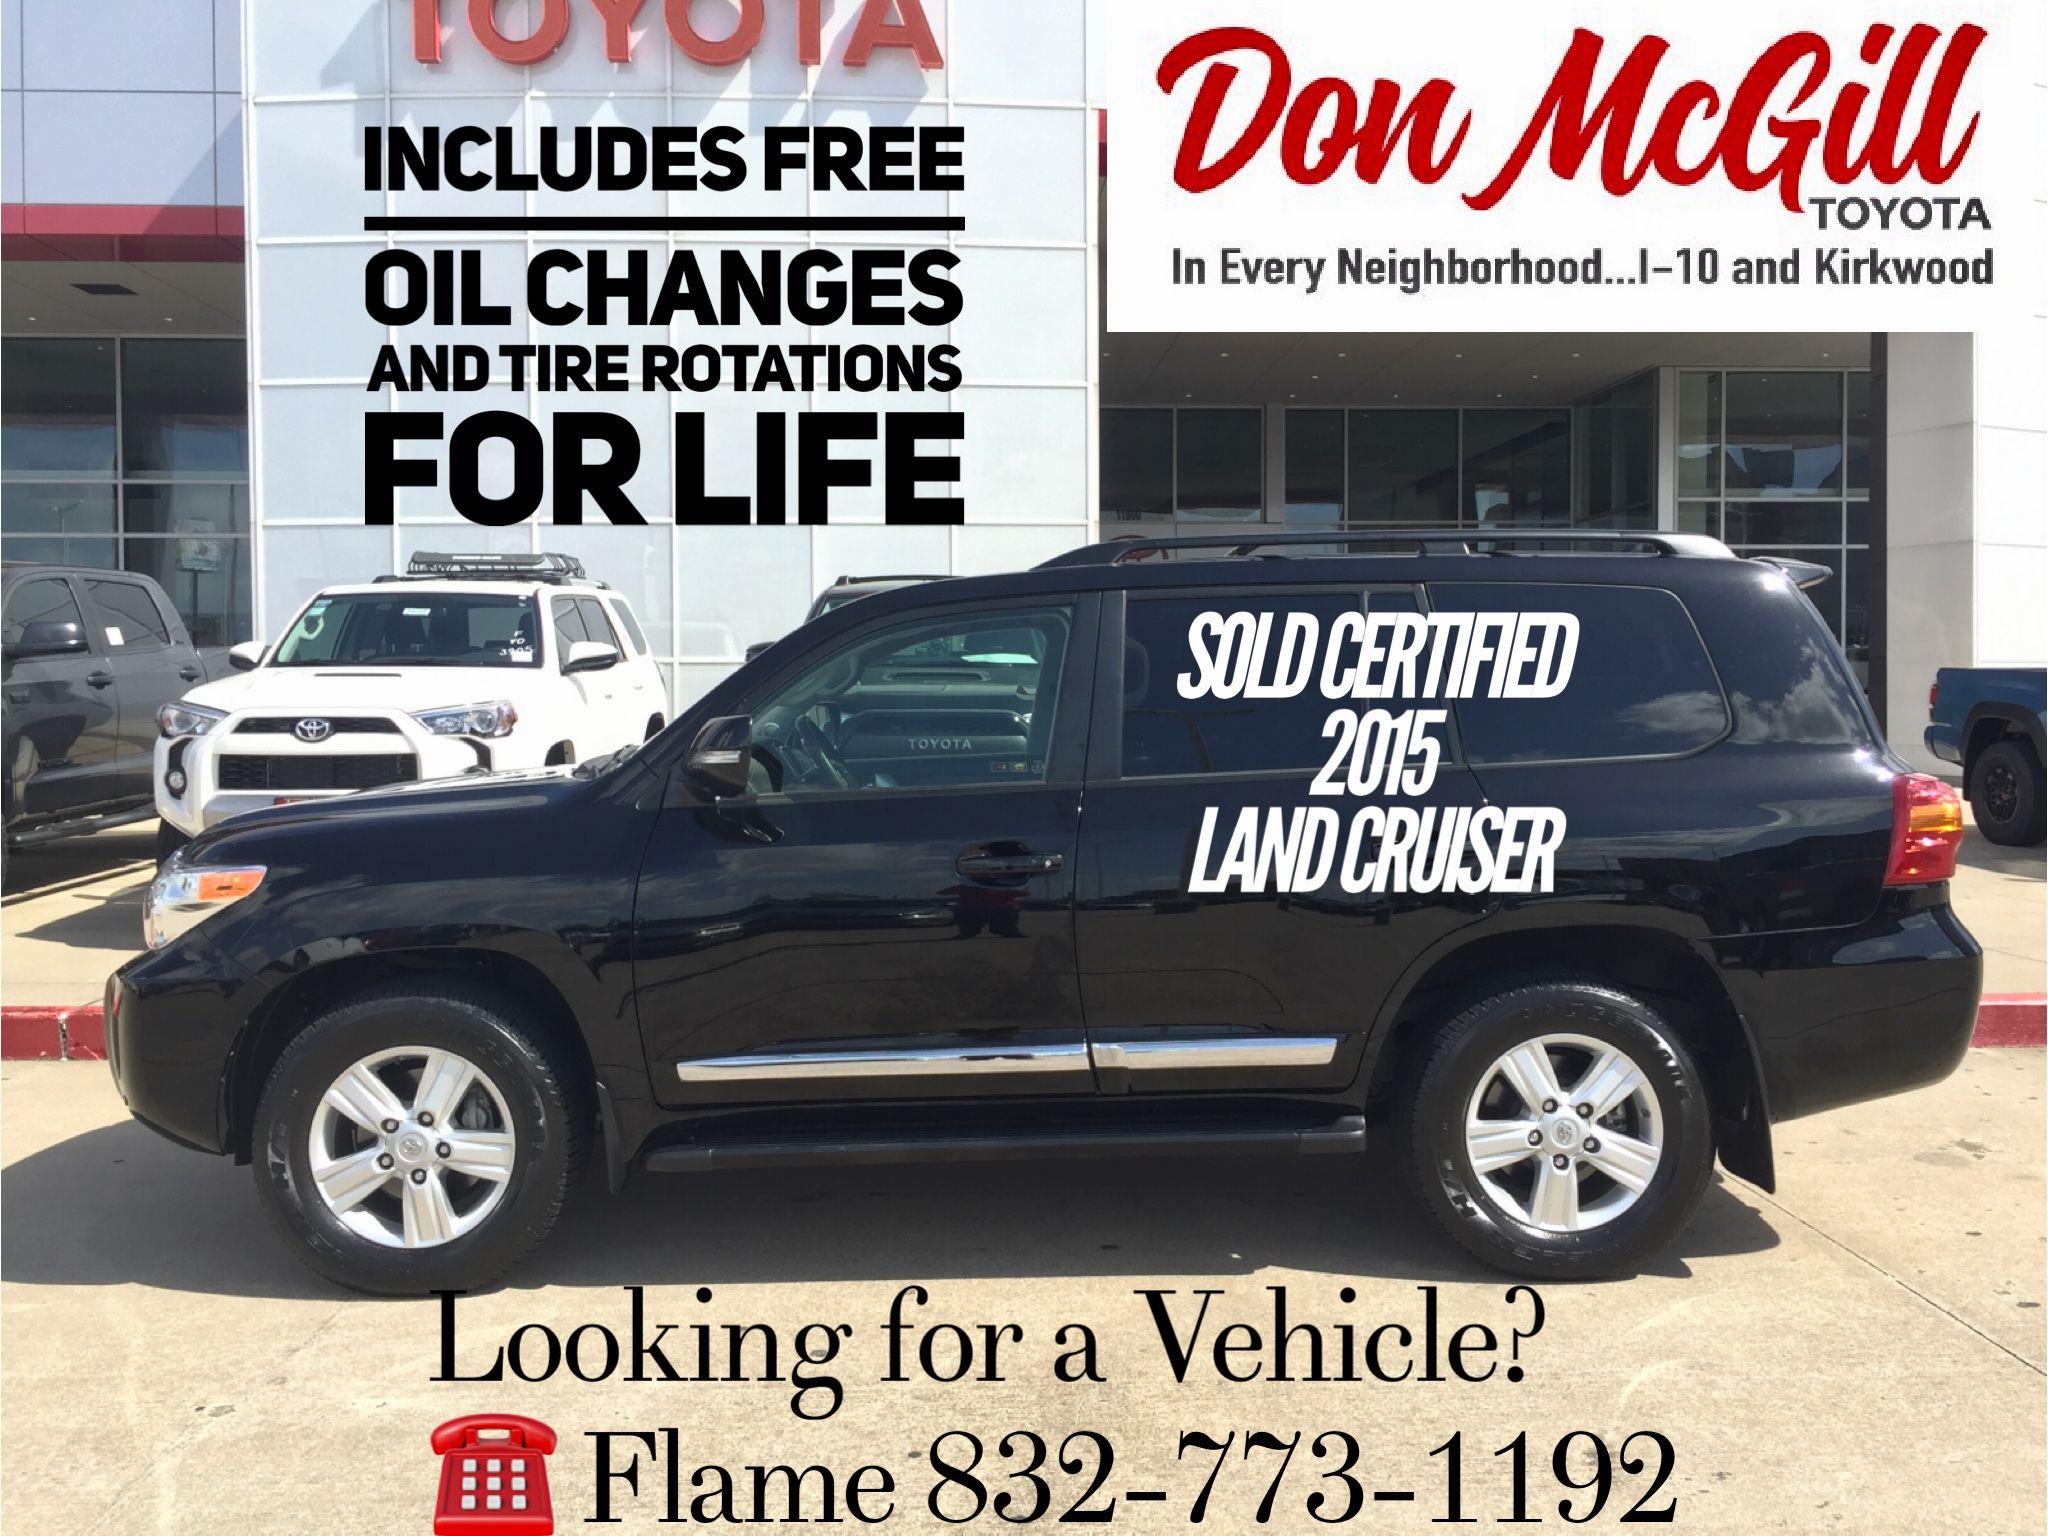 Don Mcgill Toyota 11800 Katy Freeway Houston Tx 77079 Call Or Text